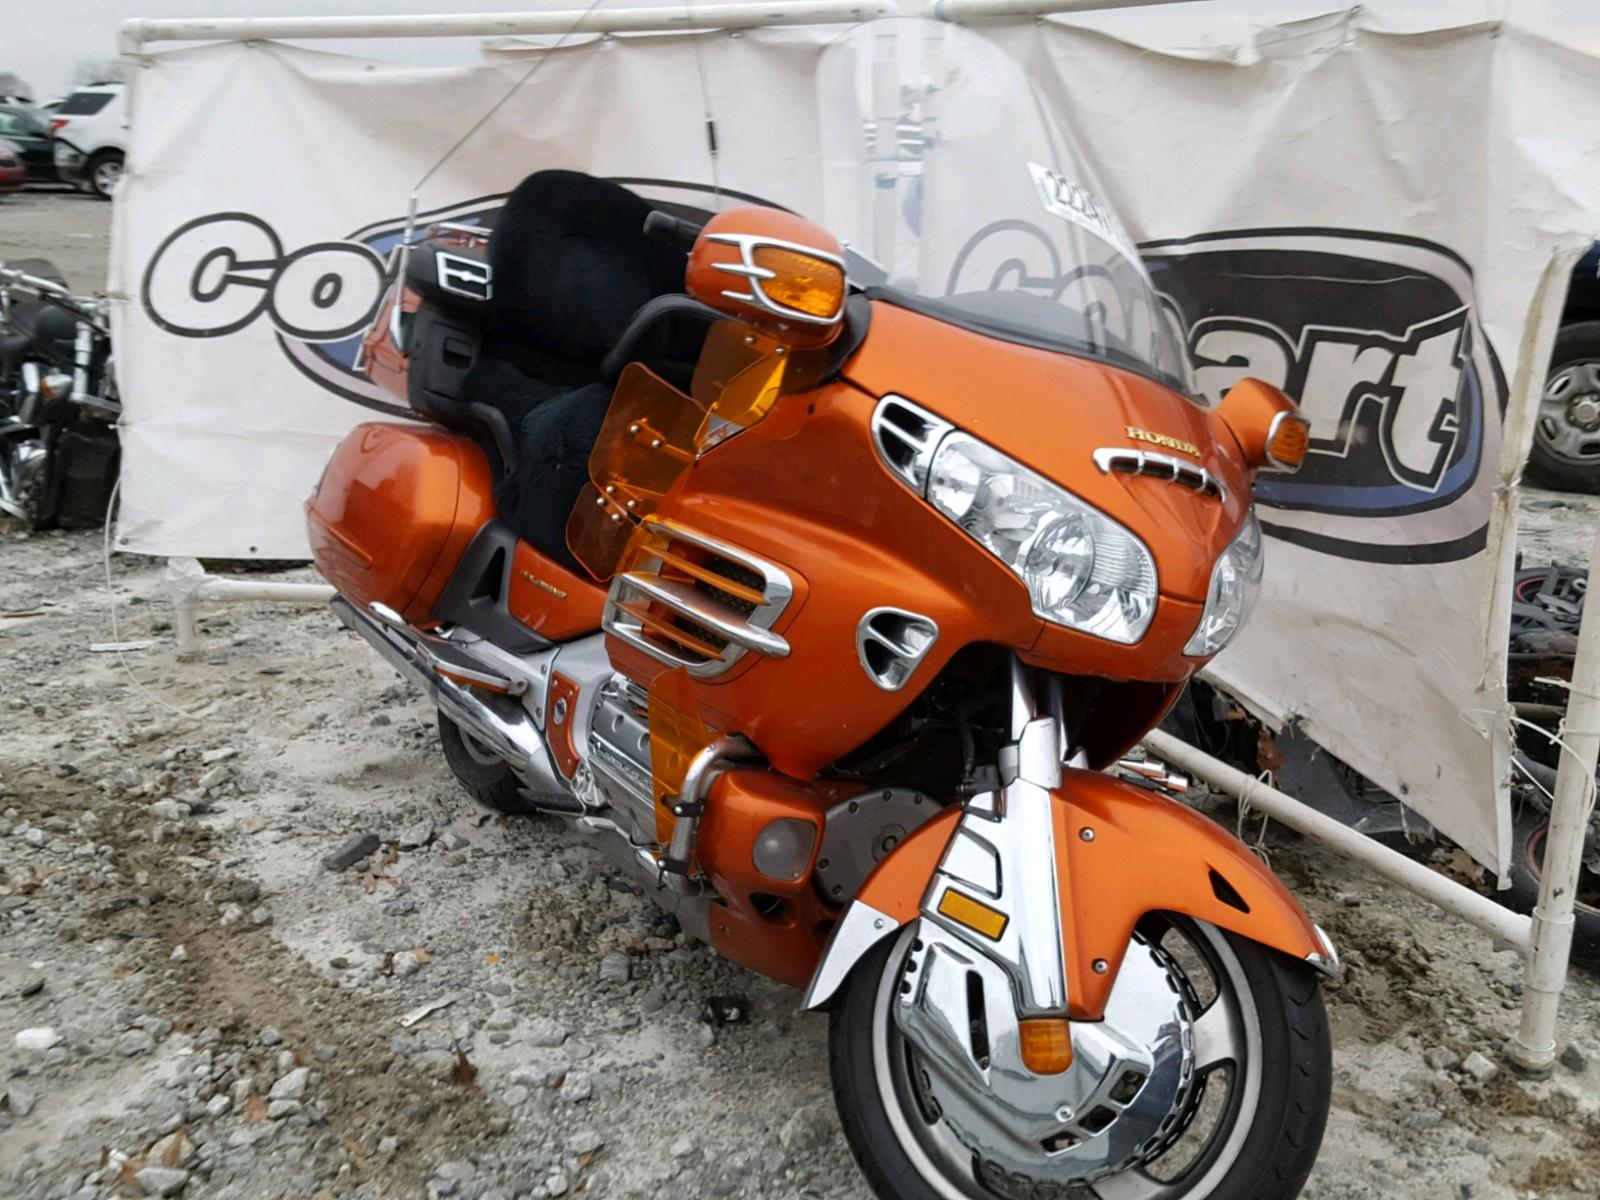 2002 HONDA GL1800 6